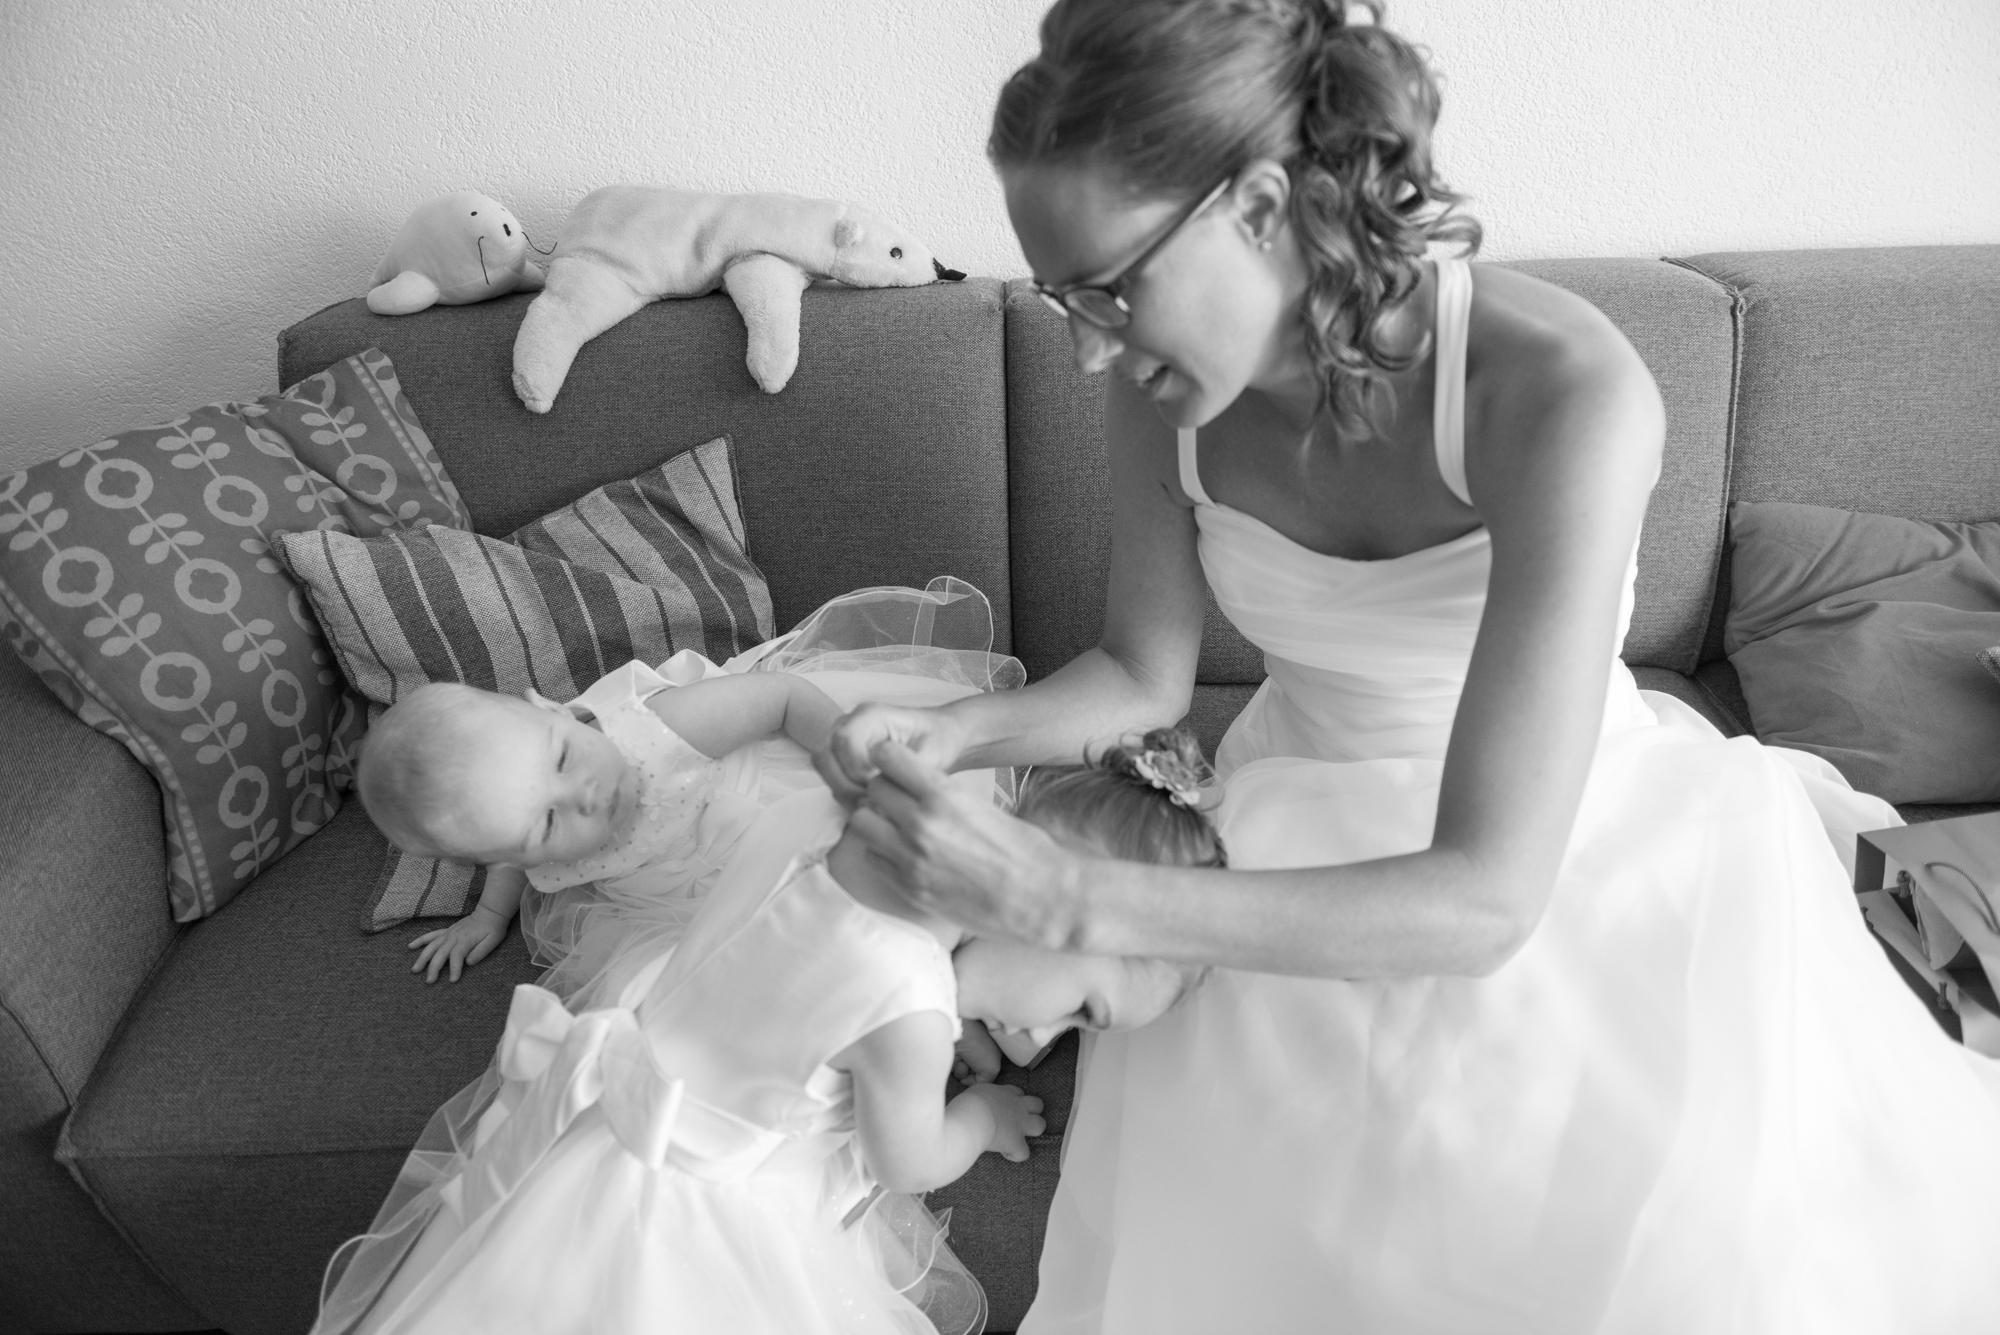 bruidsfotografie-Heiloo-Castricum-aan-zee-Liesbeth-en-Pieter-42